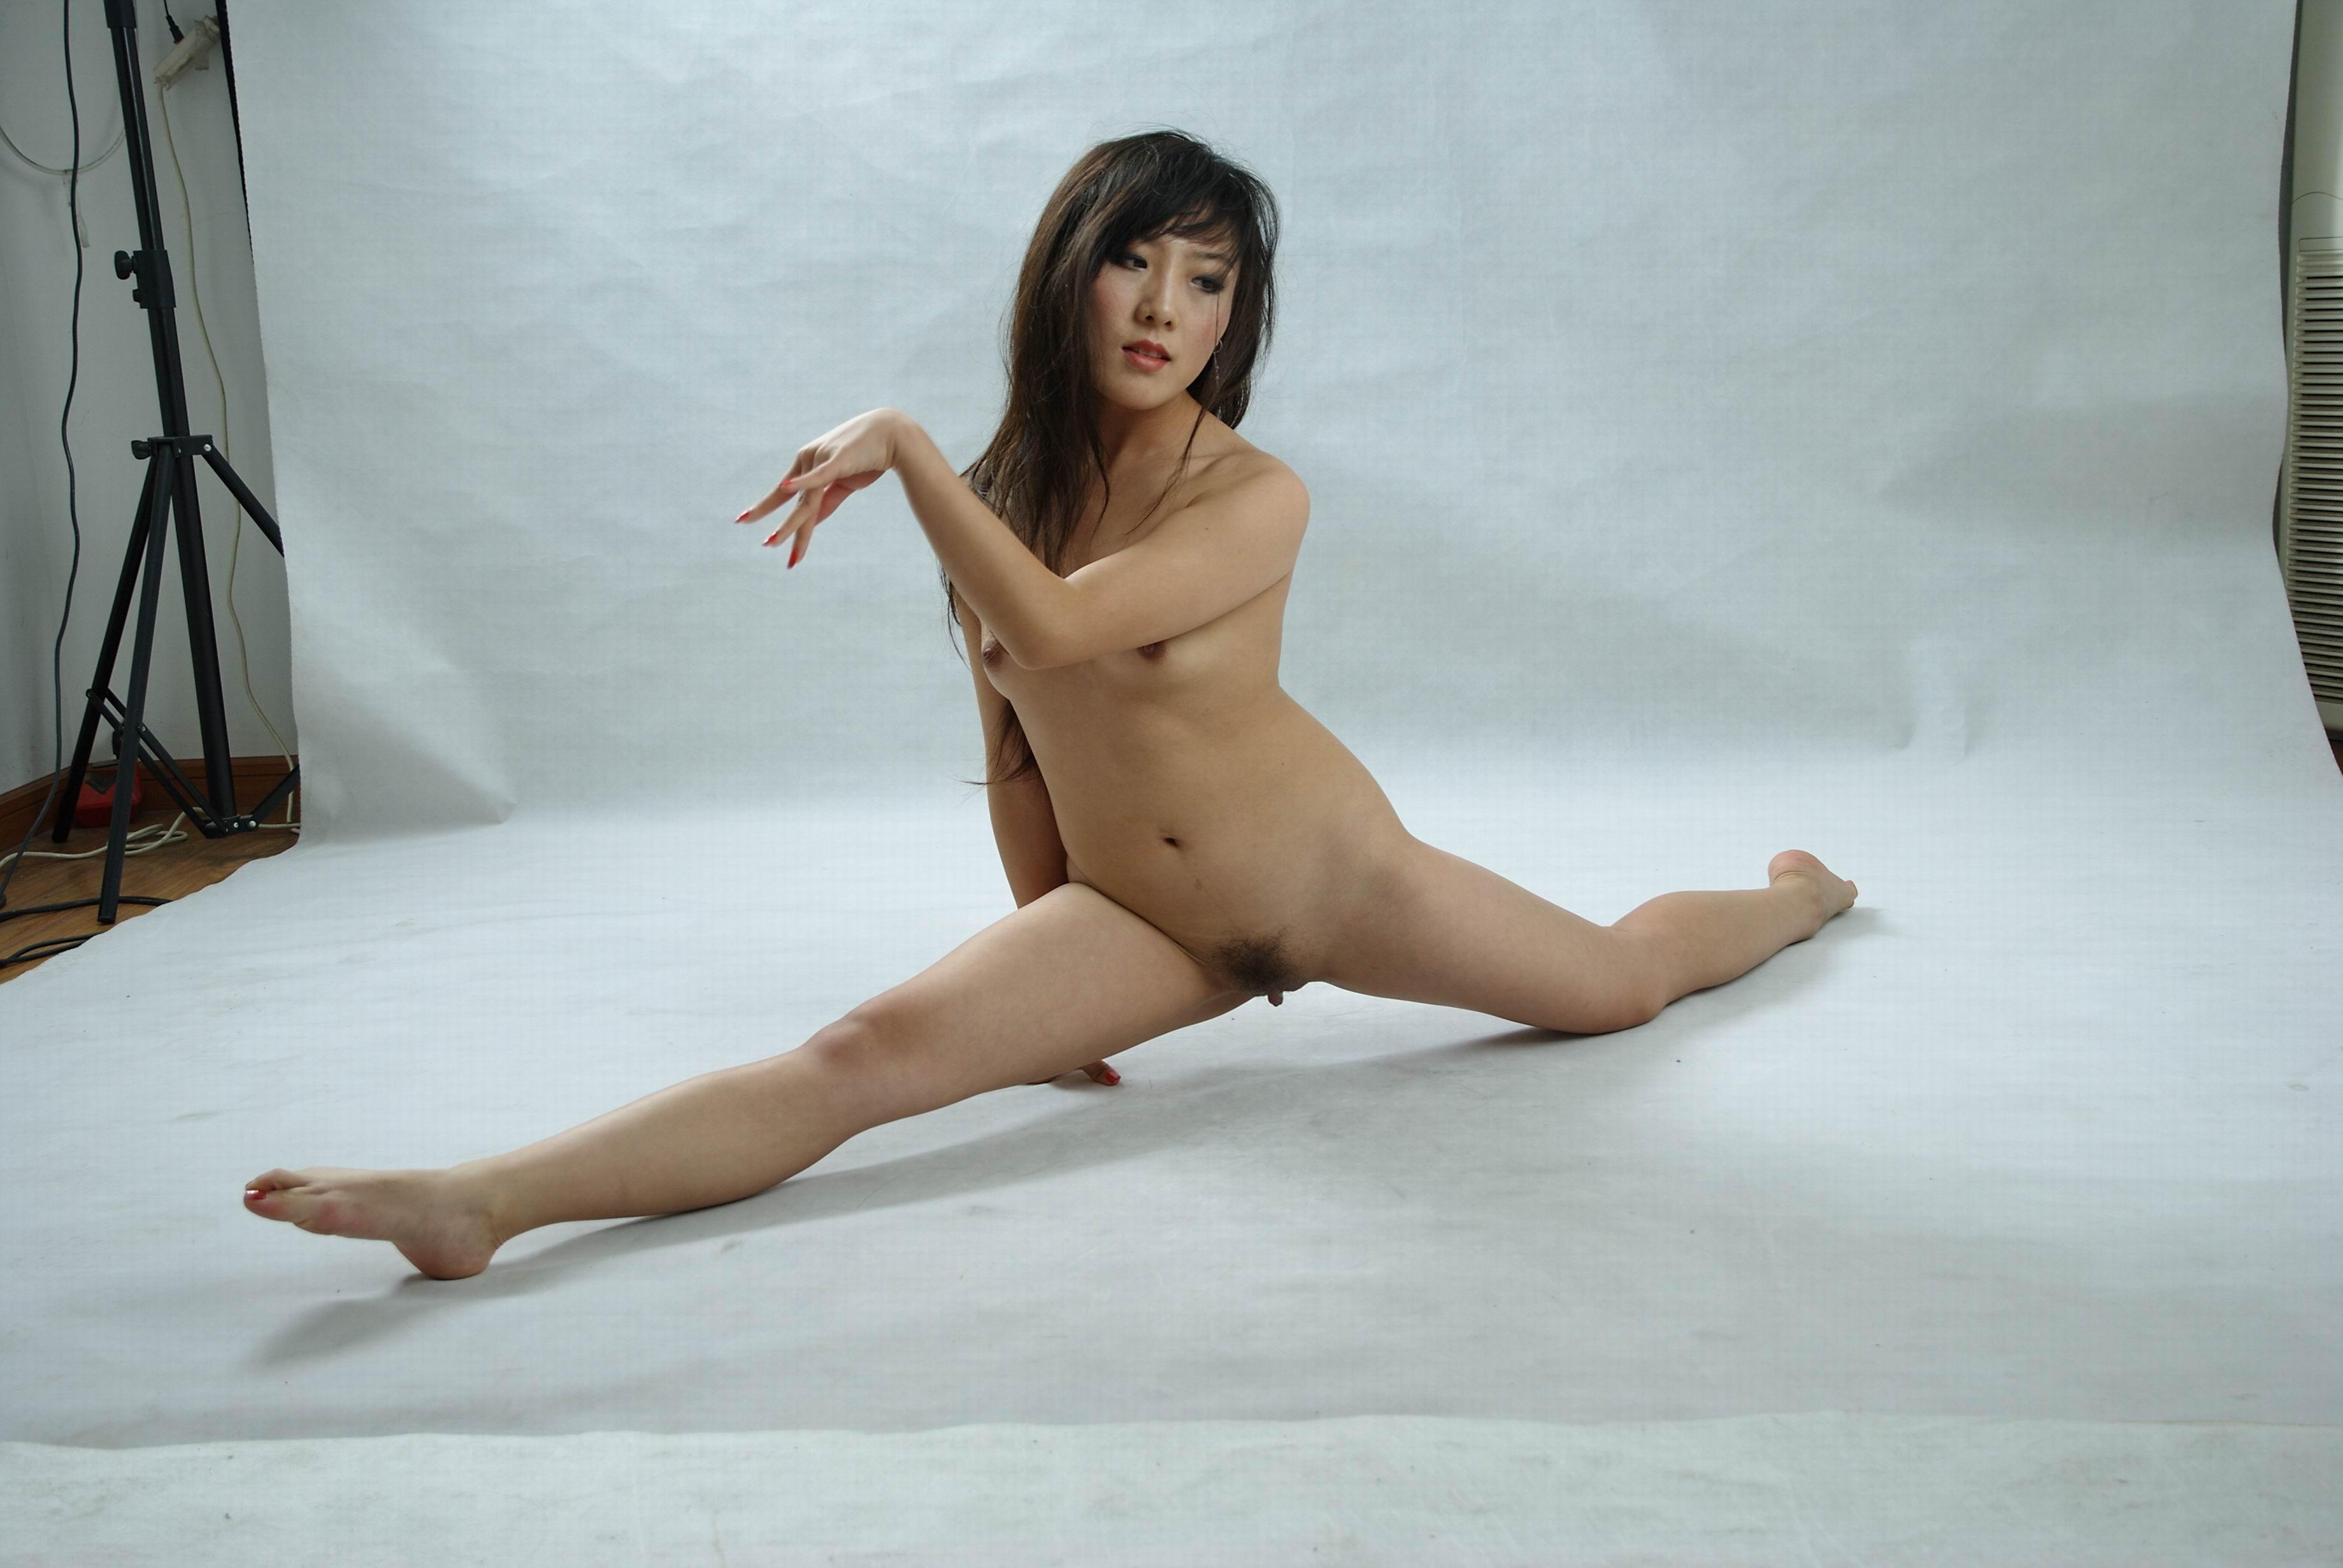 Girl Nude With Legs Split